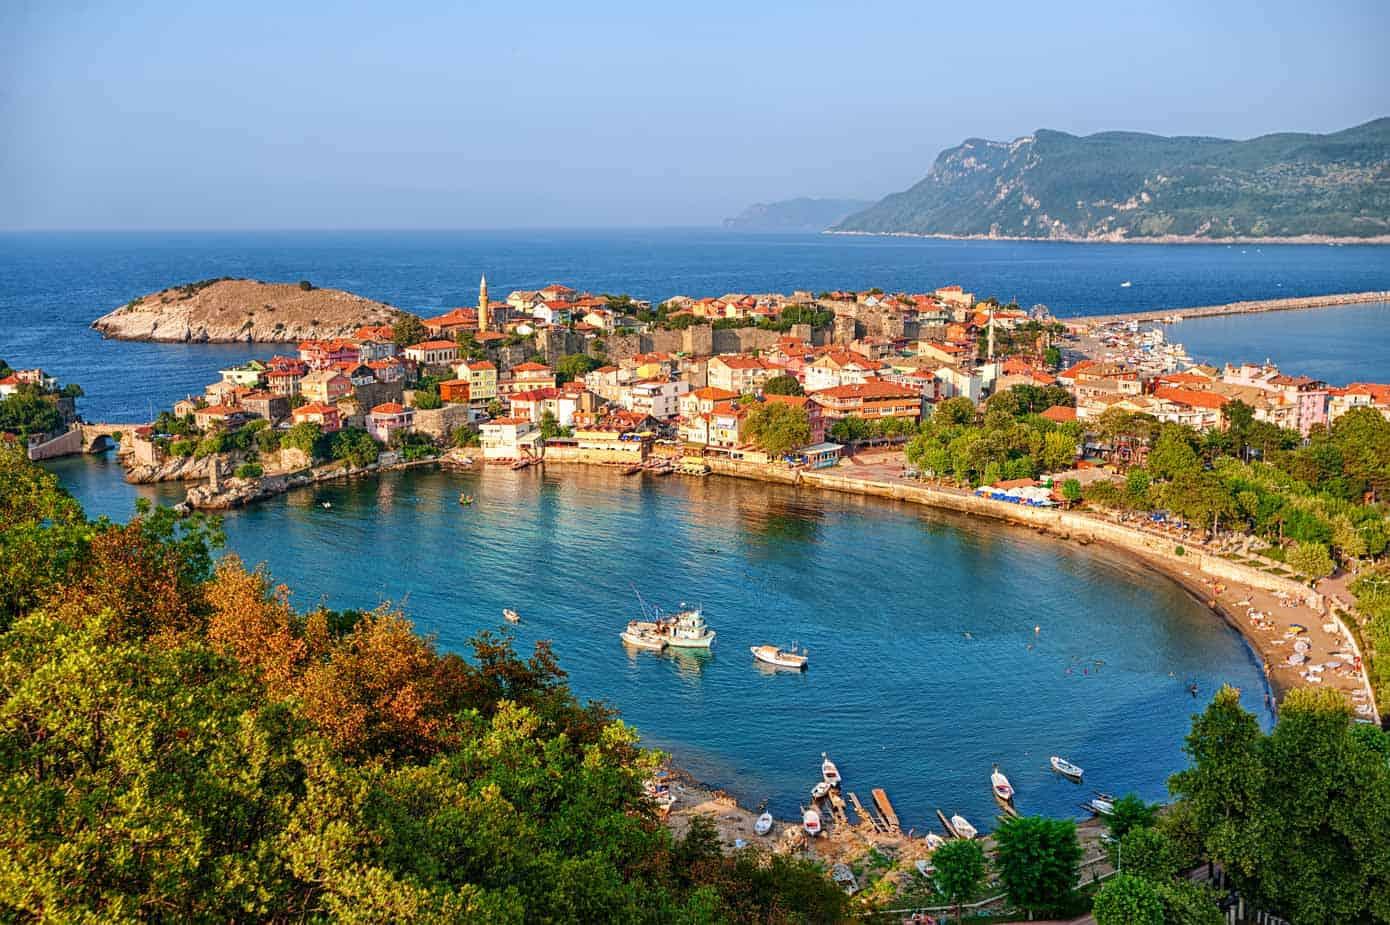 Amasra, Turkey on the Black Sea.